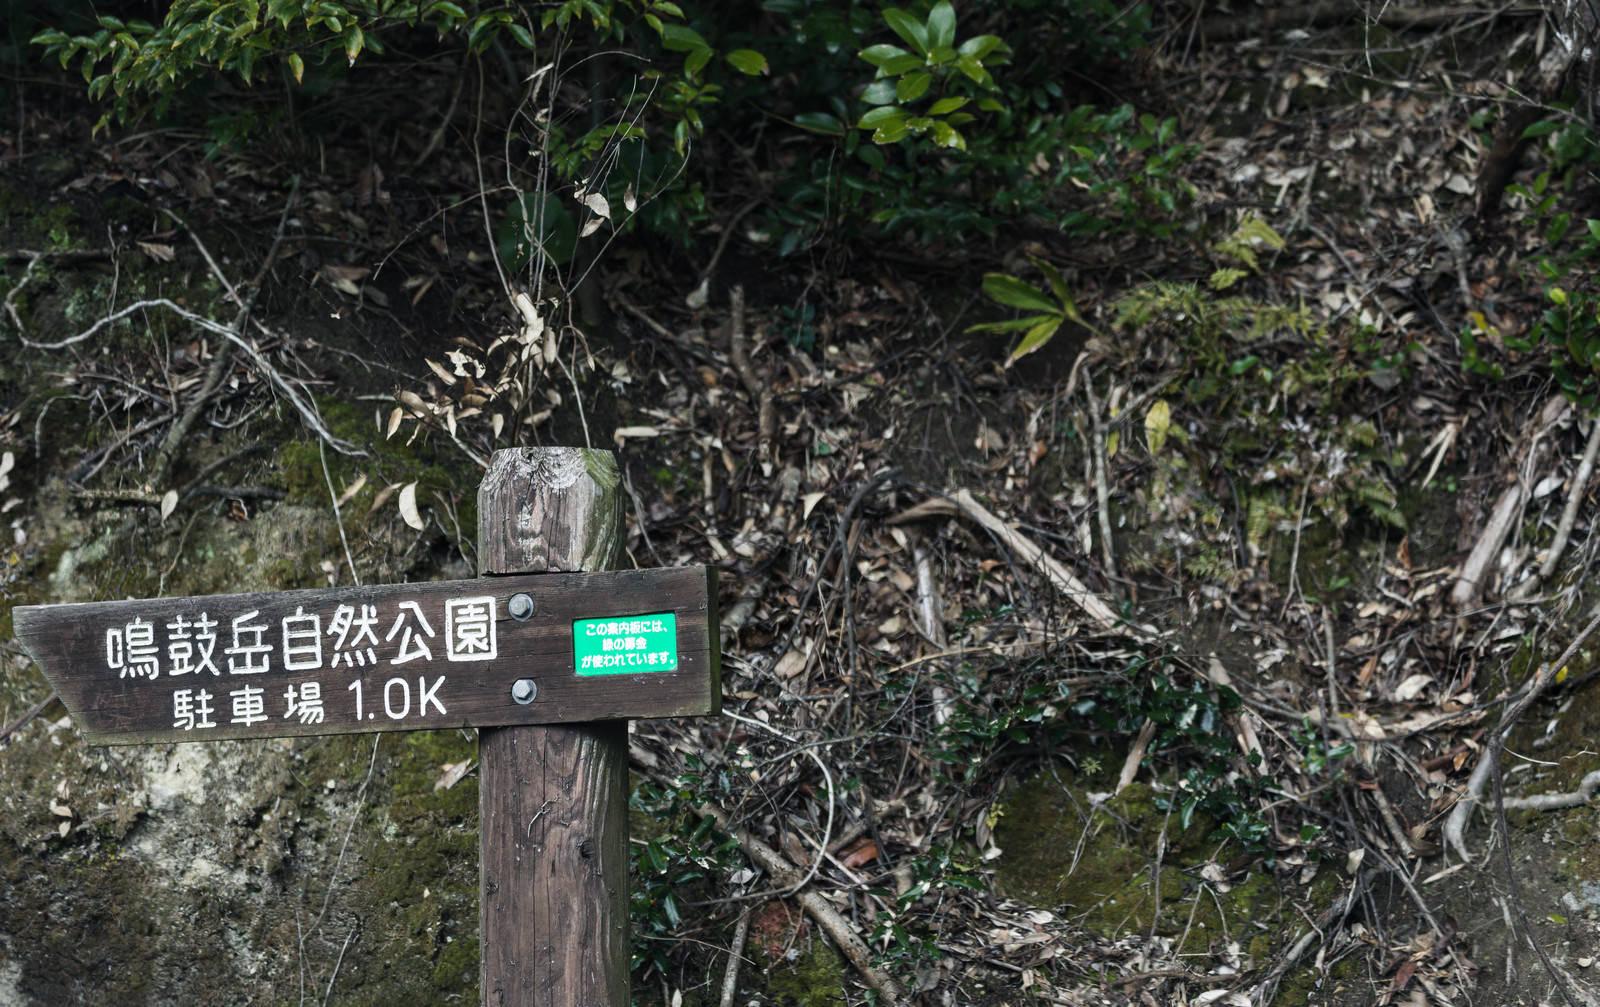 「鳴鼓岳自然公園の道標」の写真